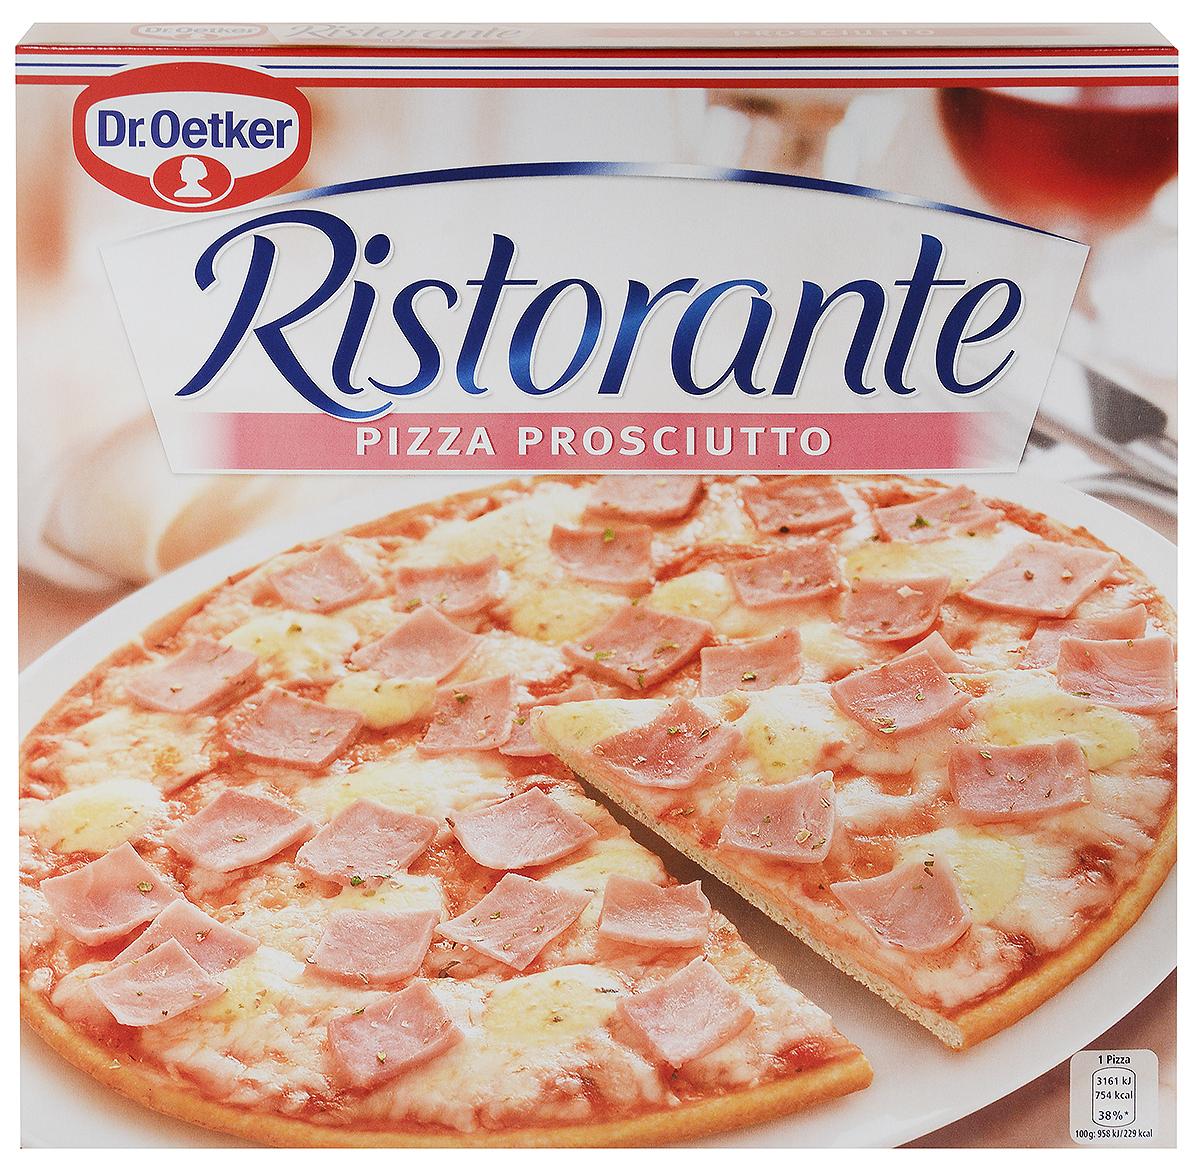 Dr.Oetker Пицца Ristorante Ветчина, 330 г22187Пицца Ristorante - вкусно, как в настоящей итальянской пиццерии! Пицца Ristorante - изысканная итальянская пицца на тонком хрустящем тесте с богатой начинкой. Обильно покрыта помидорами, ветчиной и сыром на хрустящем тонком корже. Способ приготовления: предварительно разогреть духовку, снять пленку,выпекать замороженную пиццу 10-12 минут.